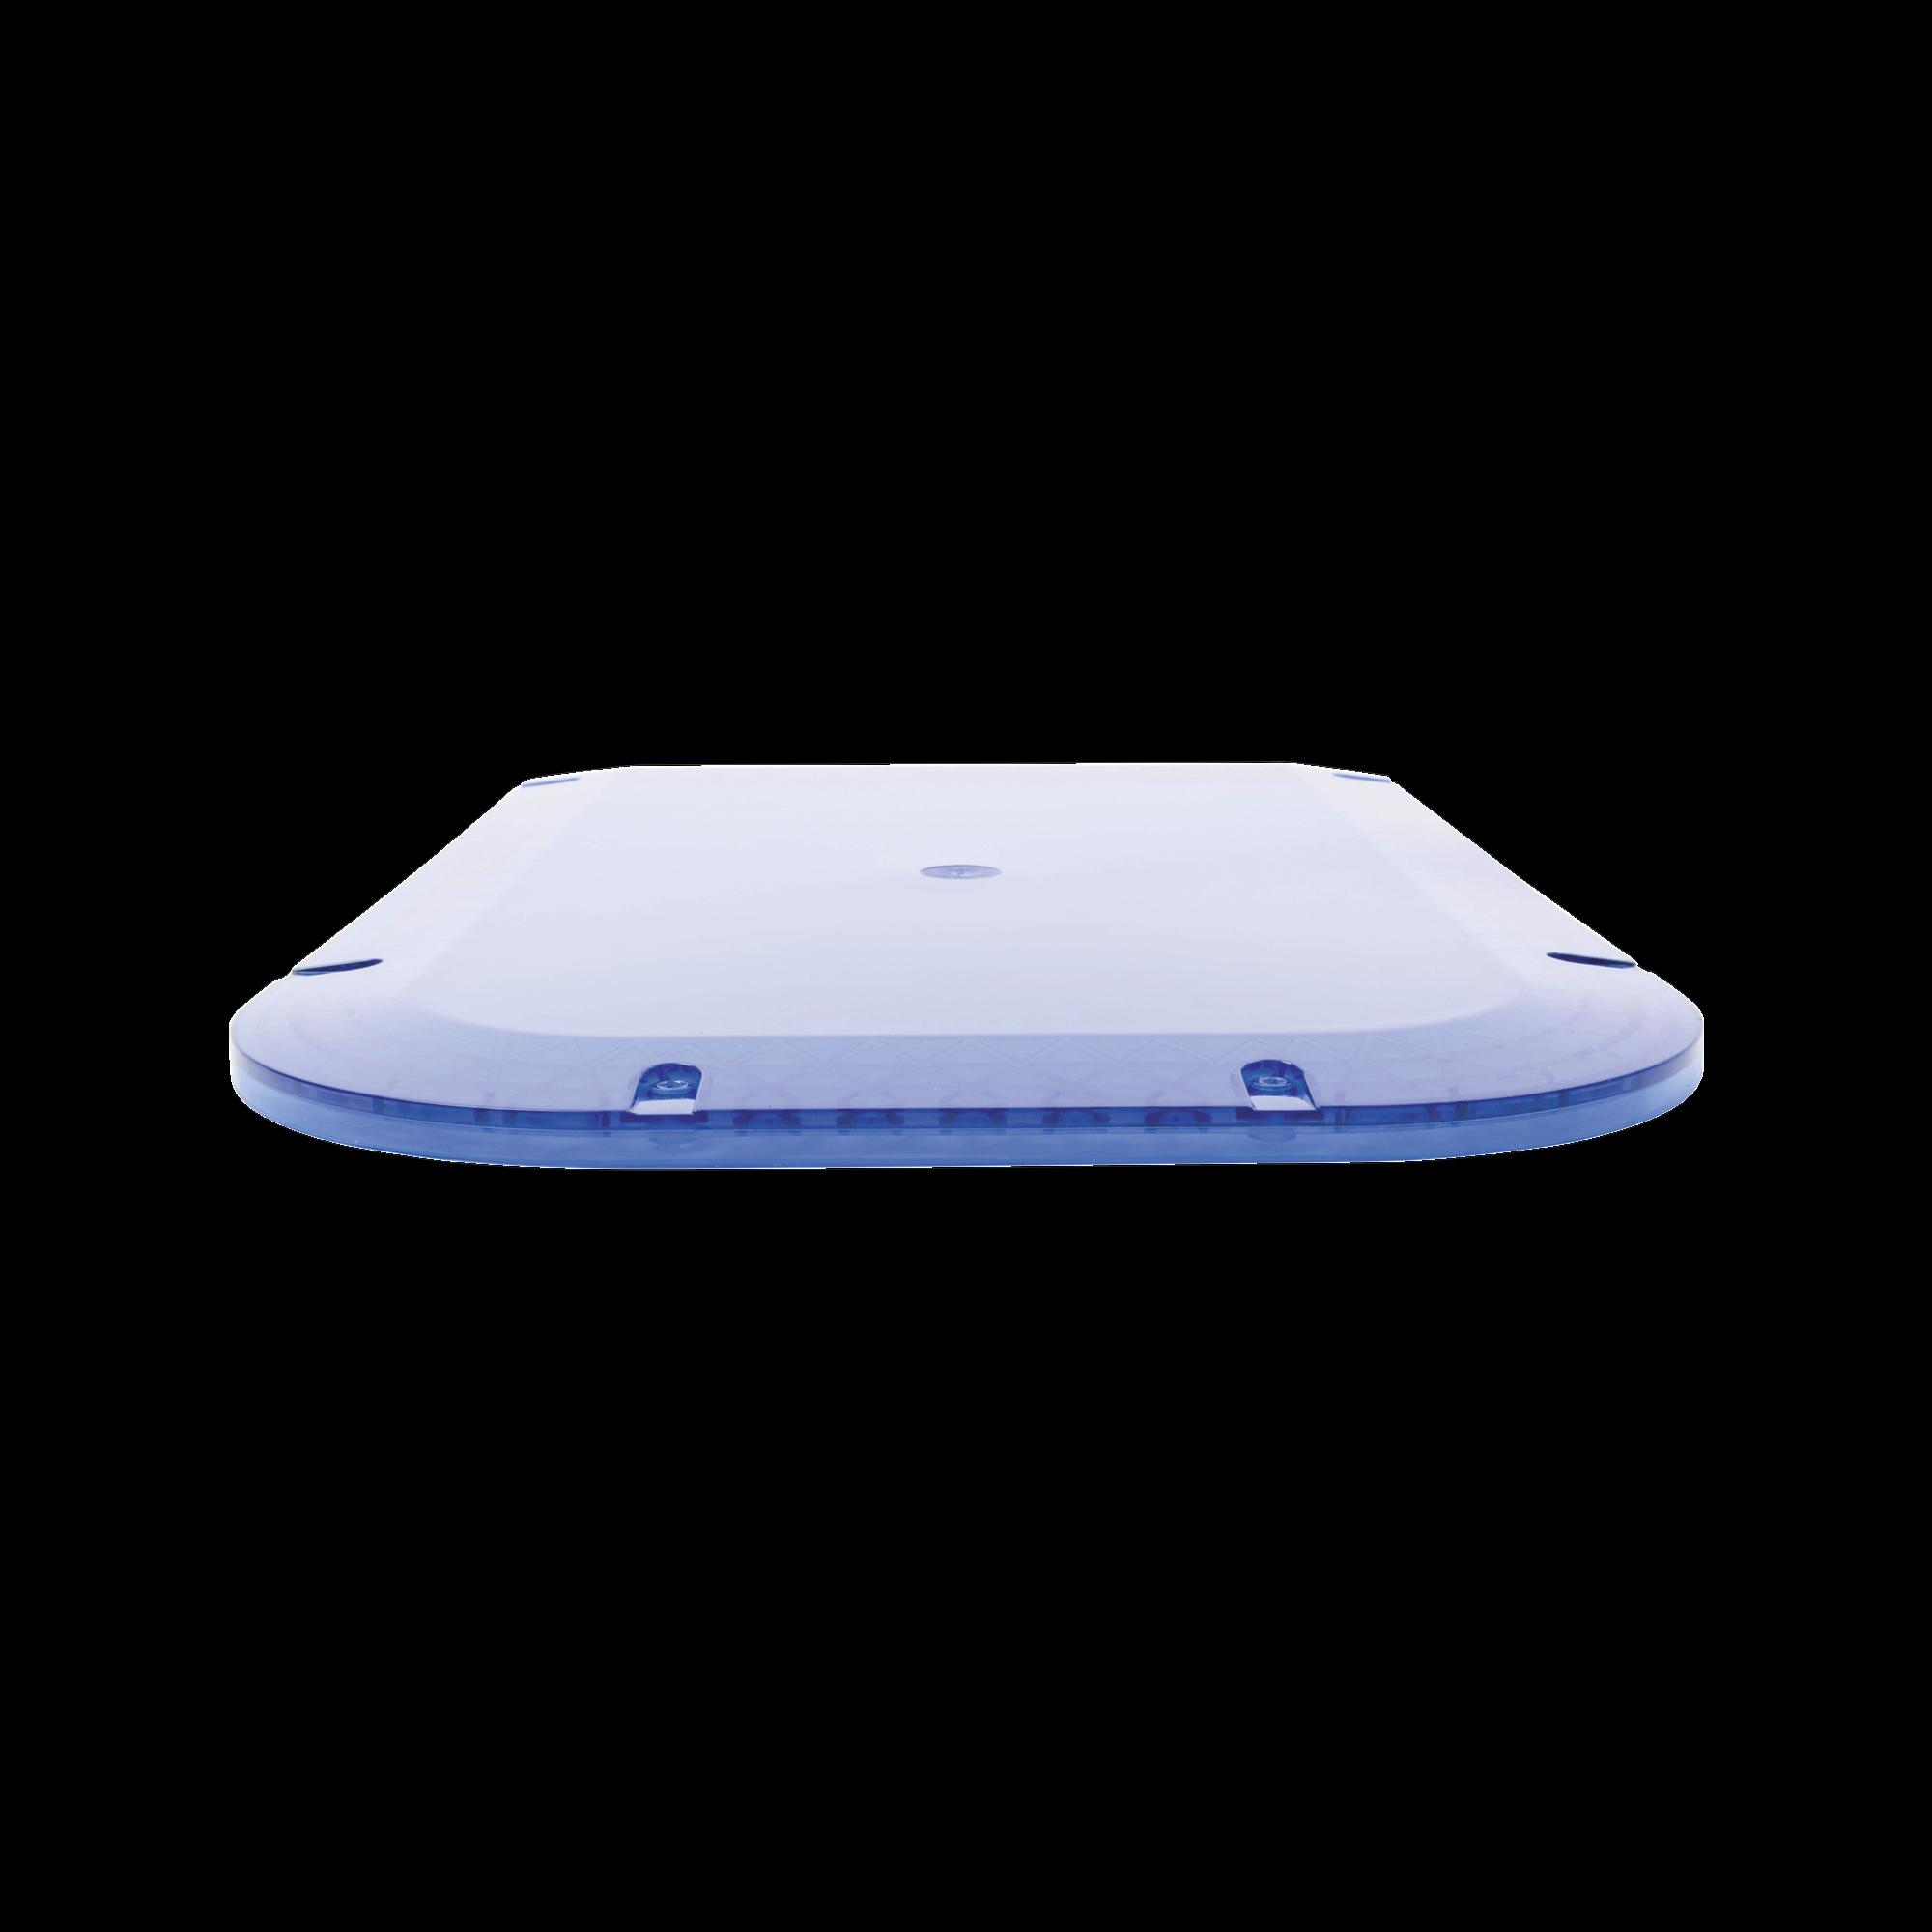 Domo lateral de reemplazo para barra de luces X67A, color ambar